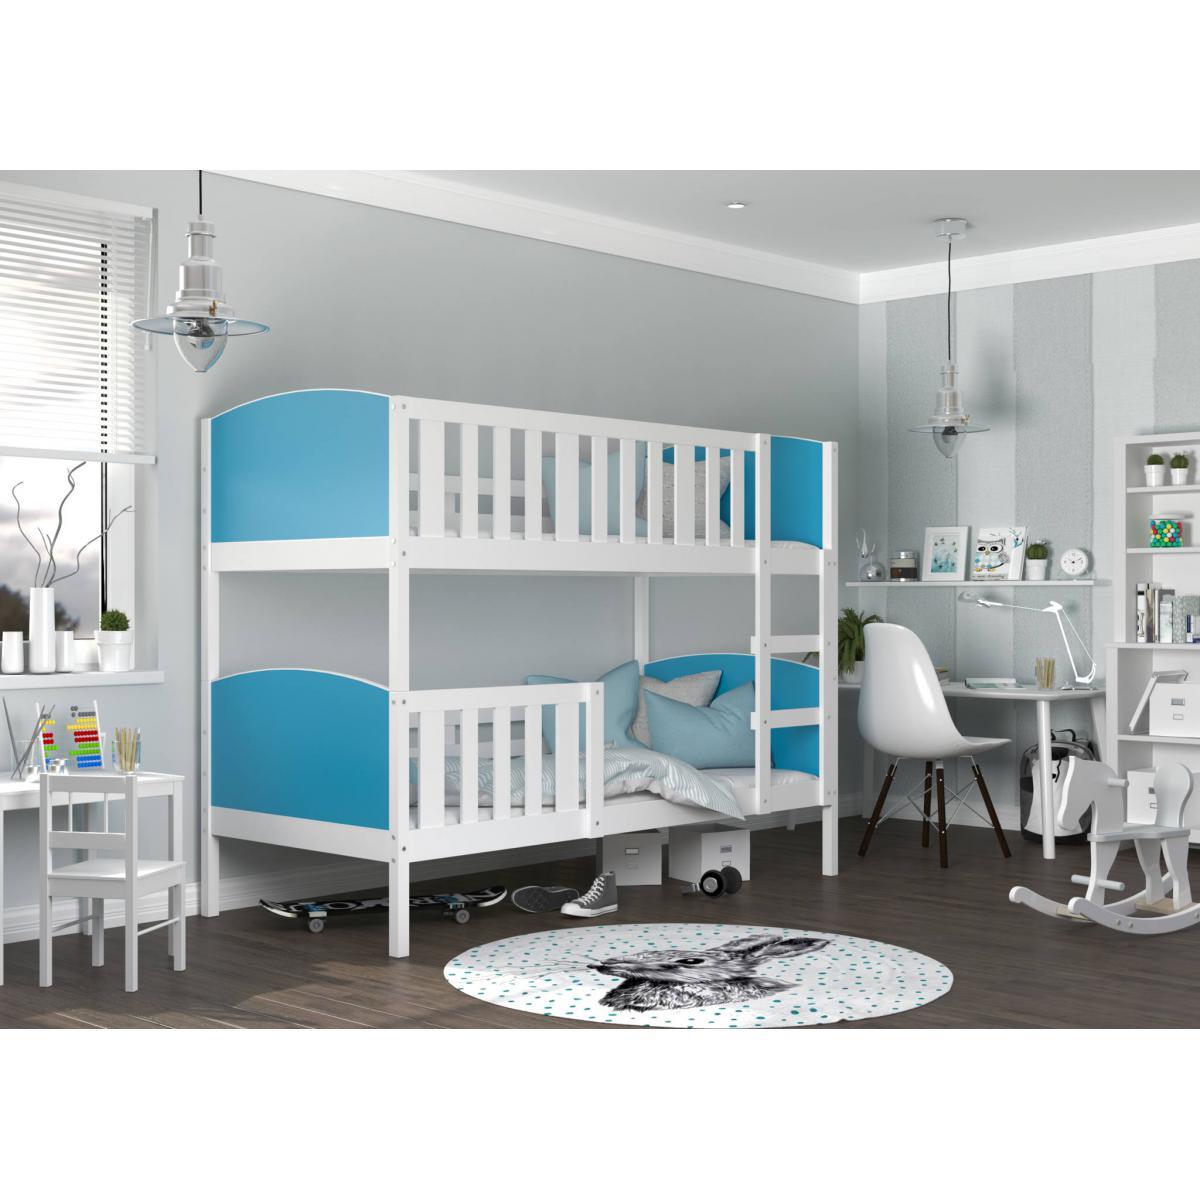 Kids Literie LIT superposé Tom 90x190 Blanc - Bleu Livré avec sommier